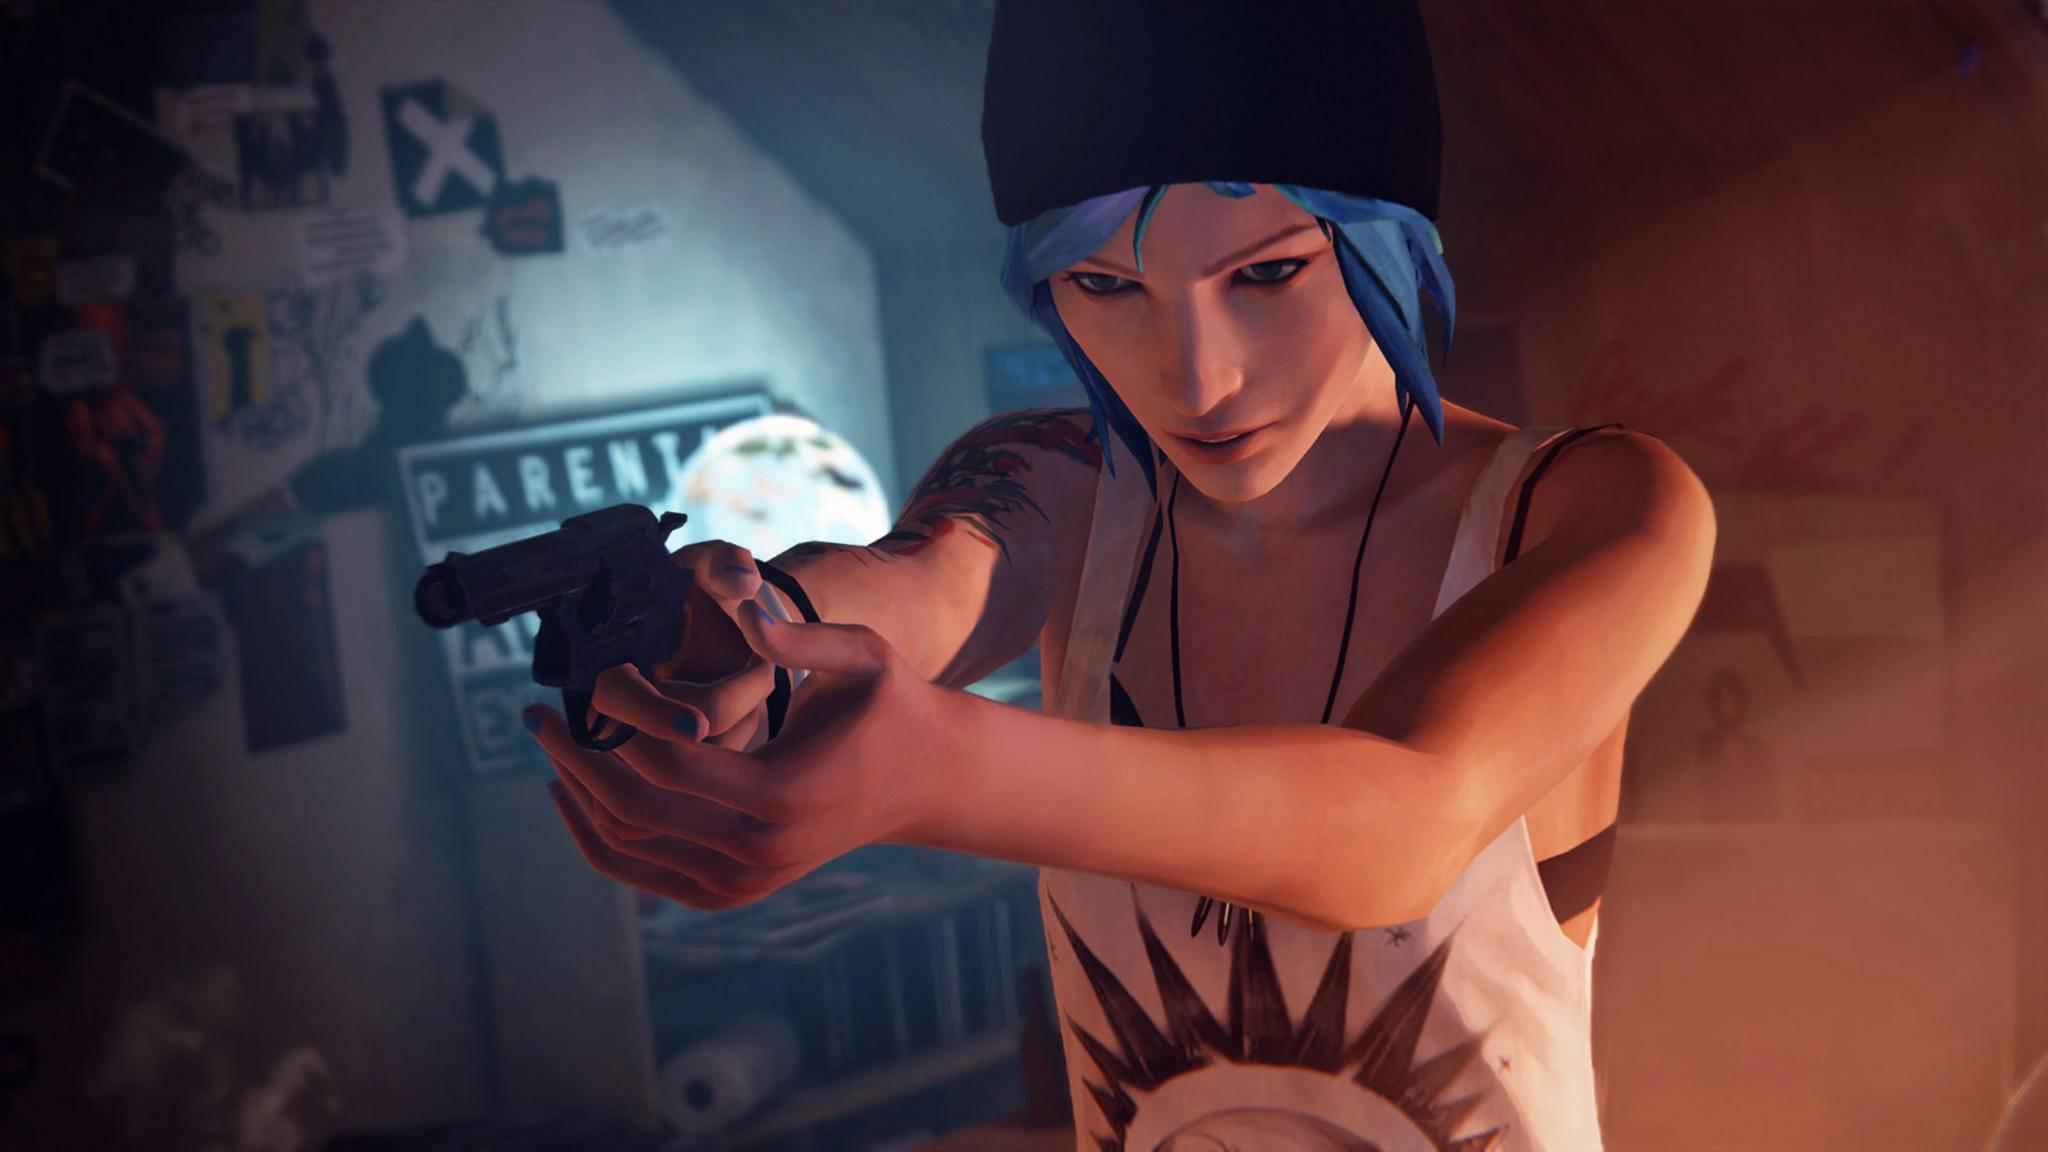 """Chloe Price könnte in einem noch nicht offiziell angekündigten """"Life is Strange""""-Prequel im Fokus stehen."""